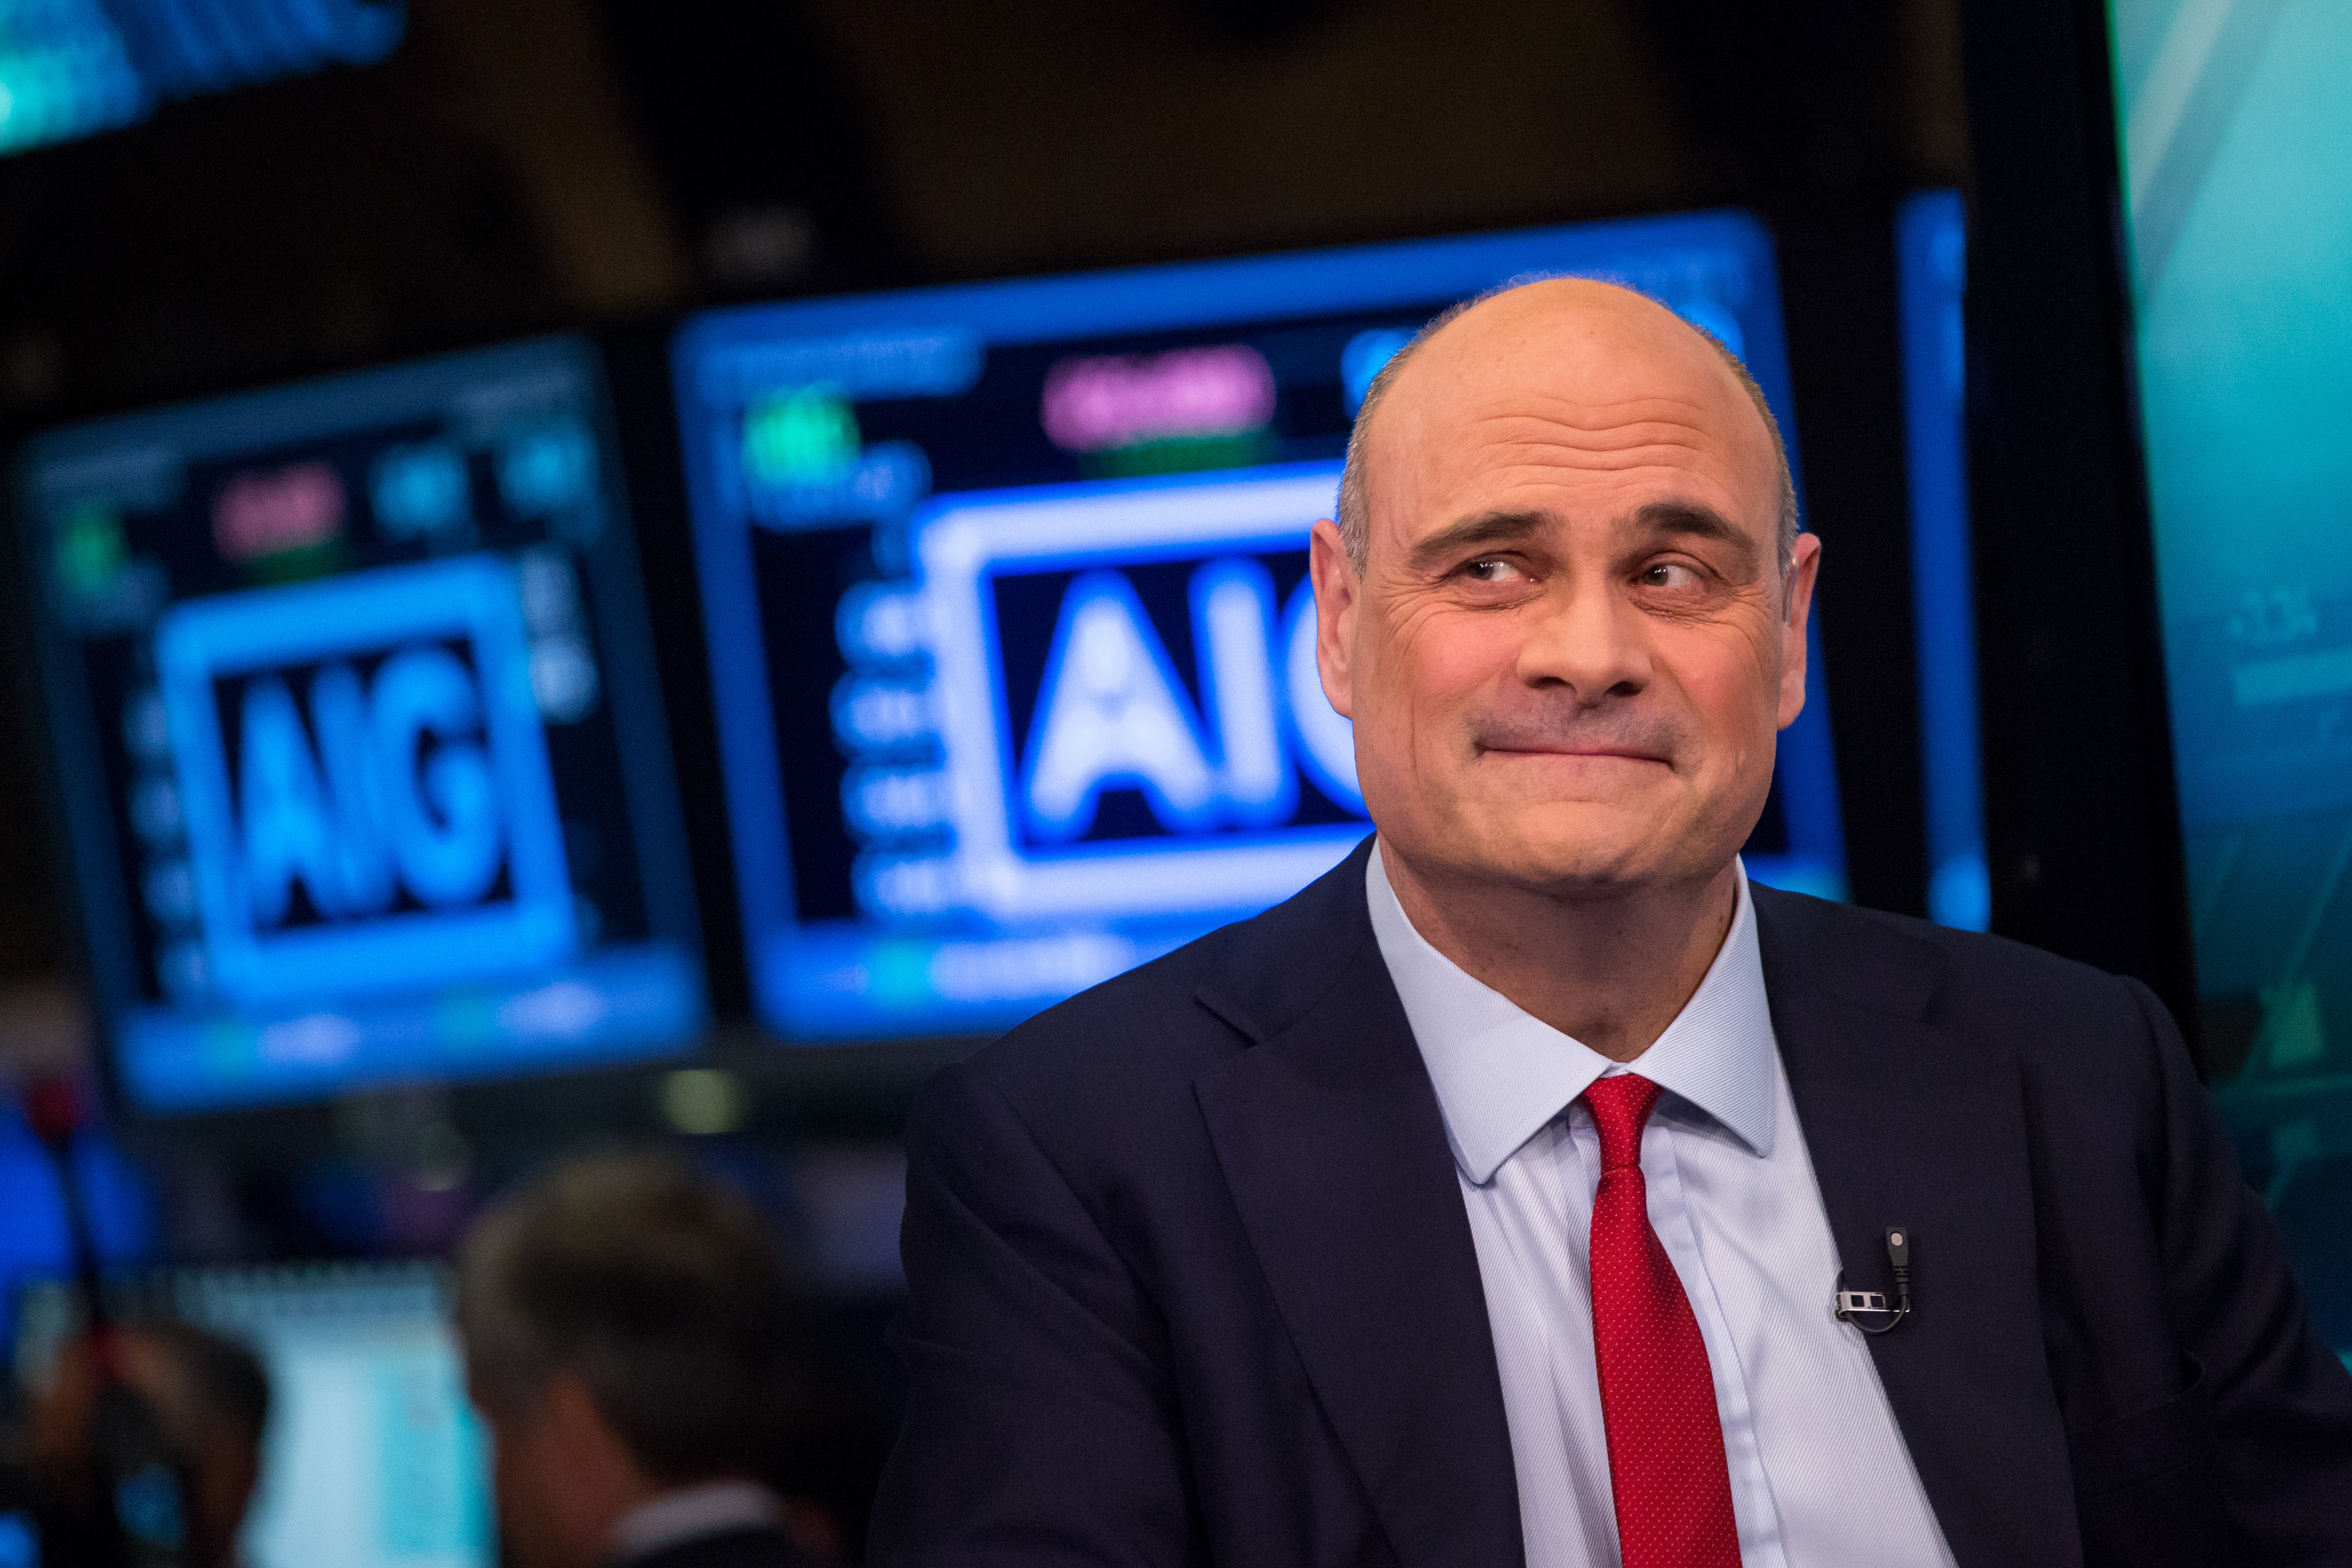 Outgoing Aig CEO Peter Hancock